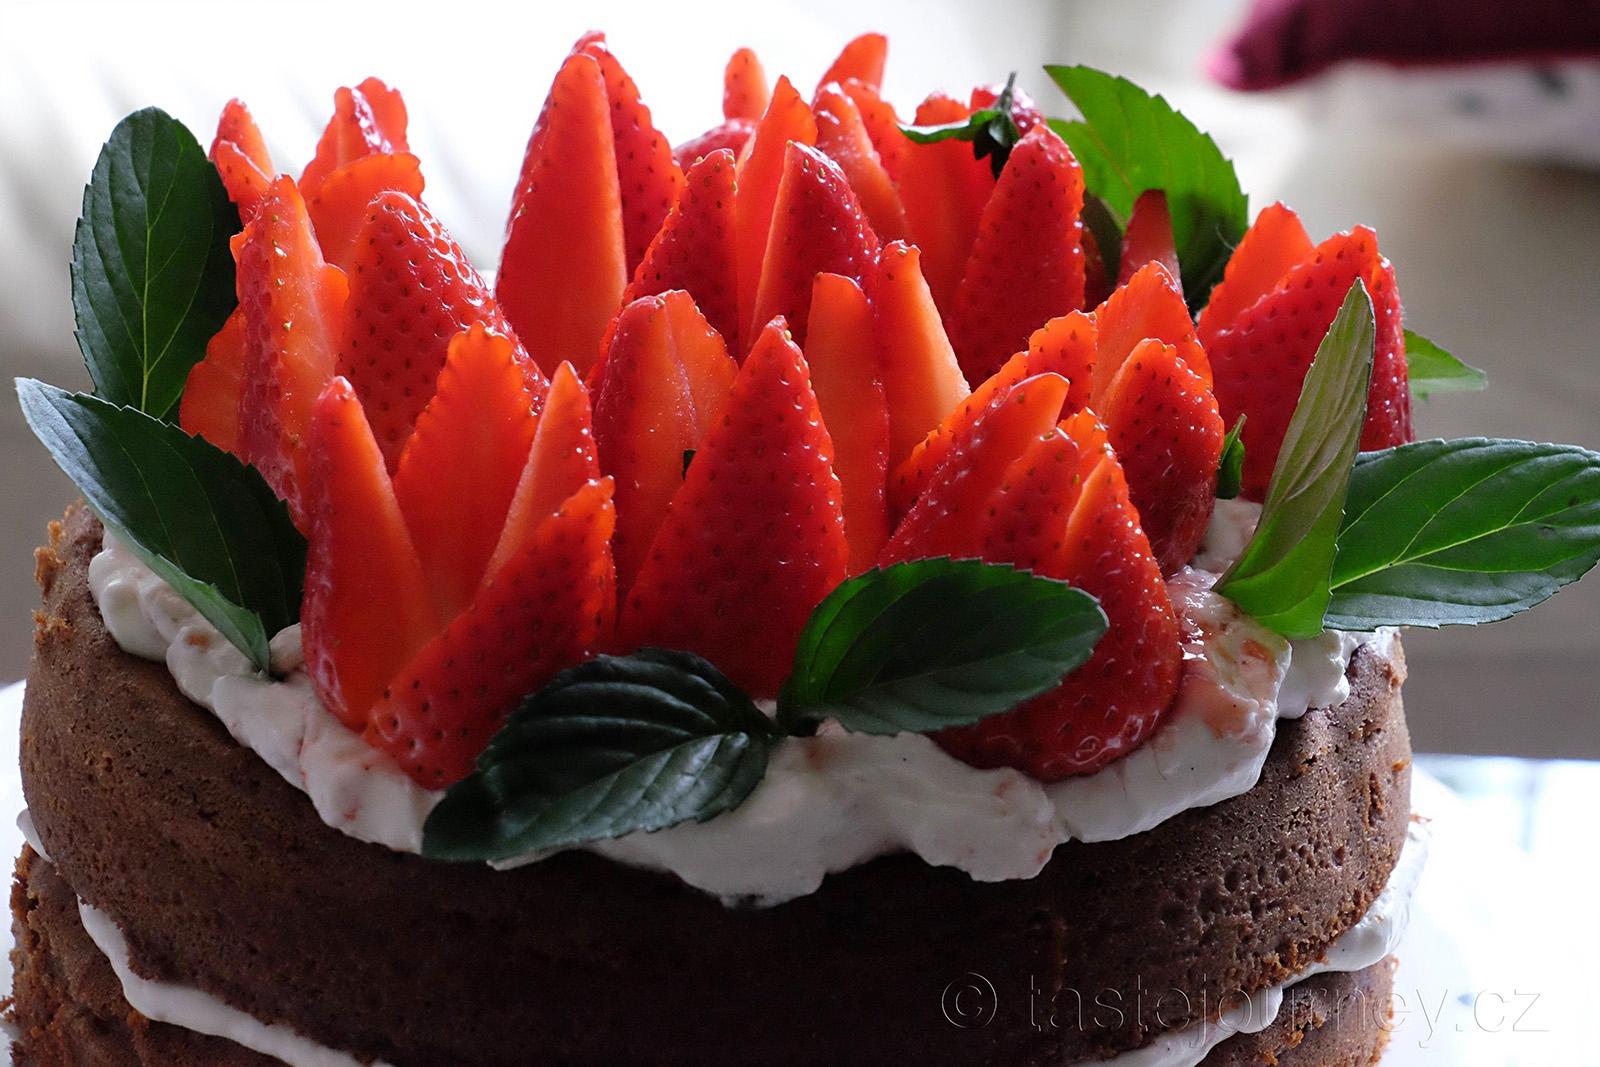 Jahodová sezóna v Británii láká upéct jahodový dort